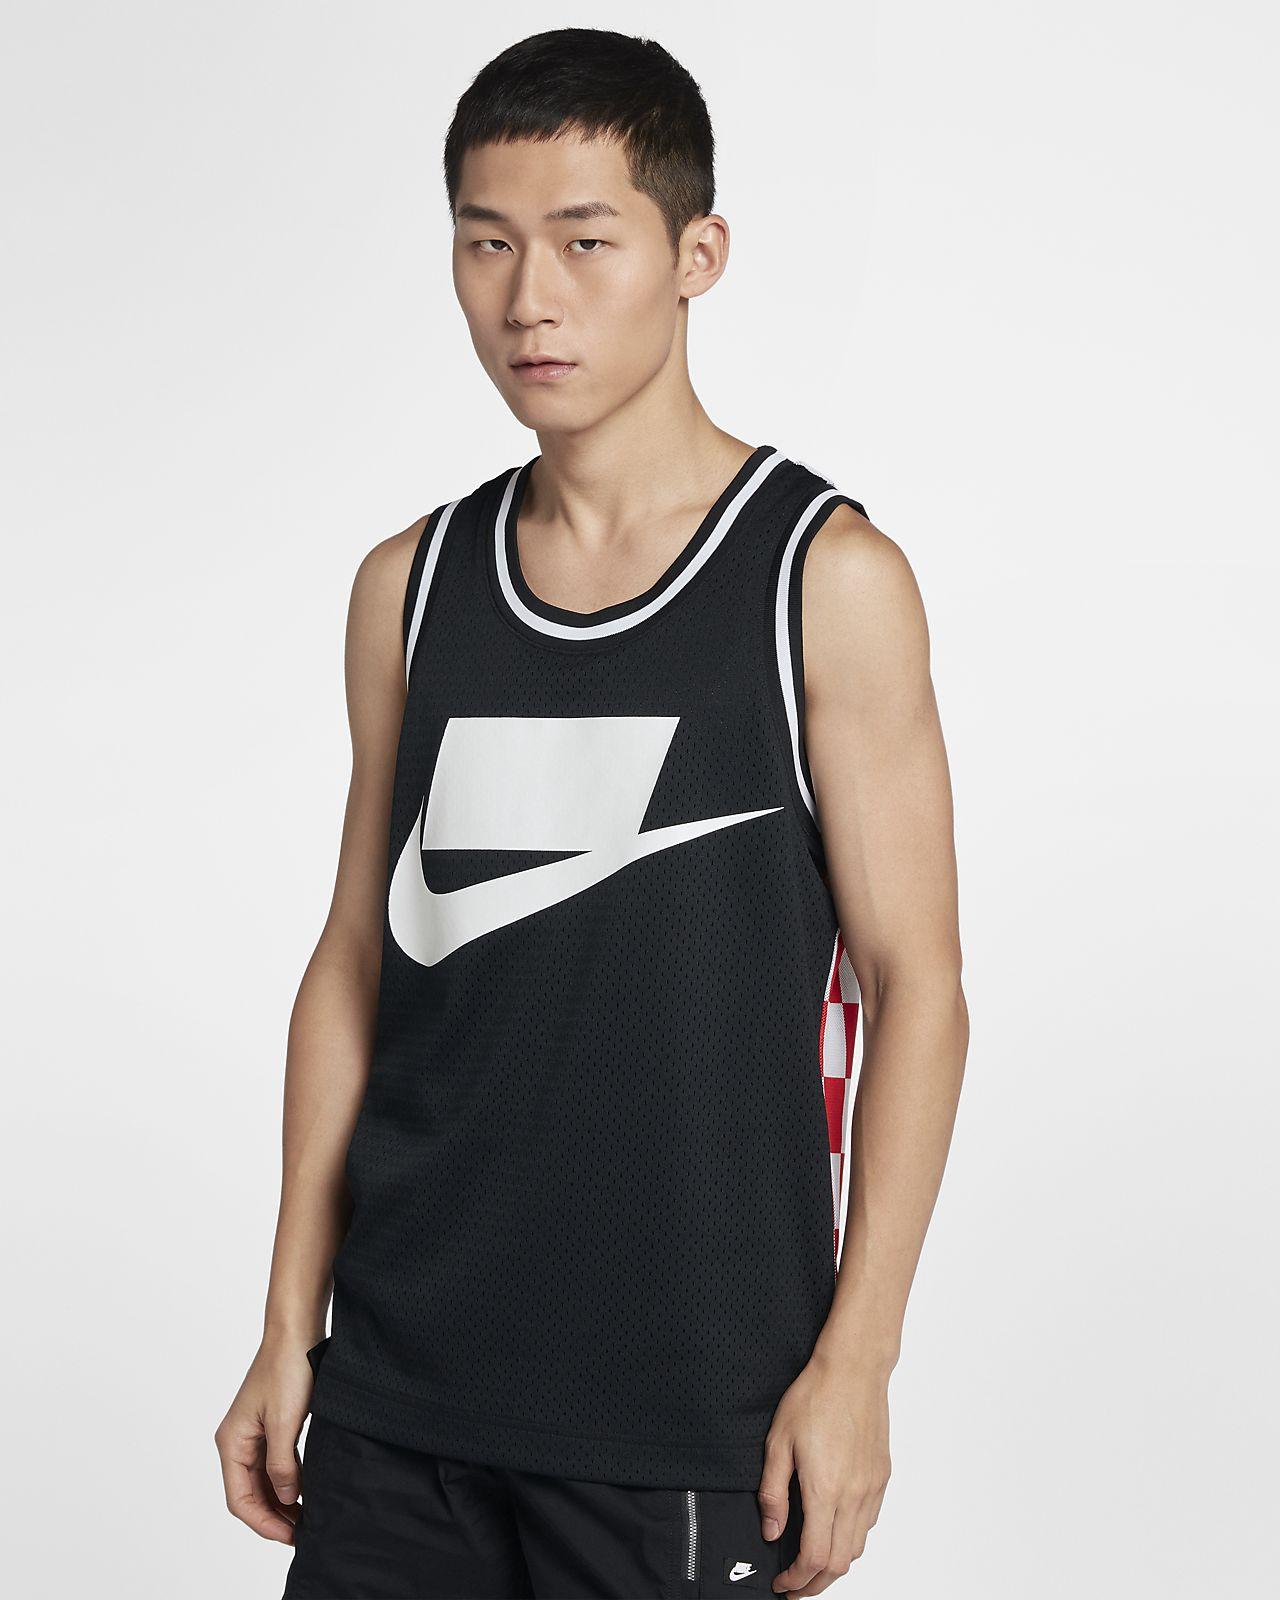 Nike Sportswear男子印花背心